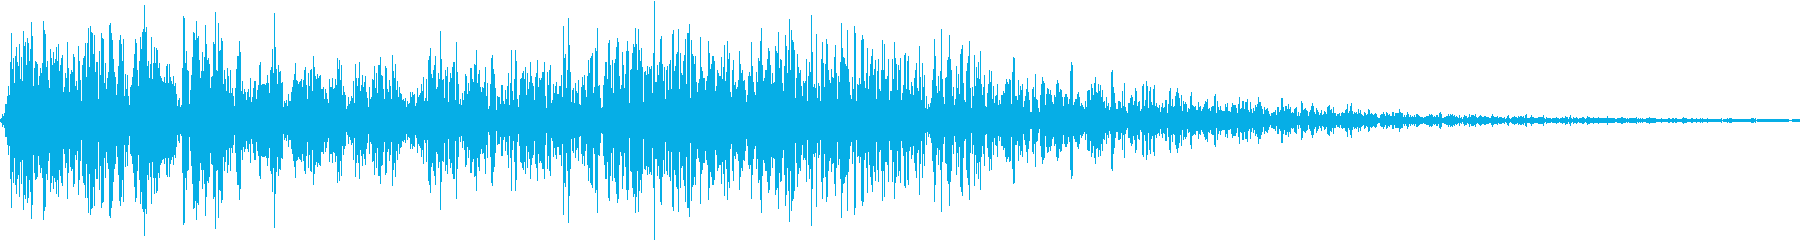 攻撃が当たる音 ブシュ!の再生済みの波形